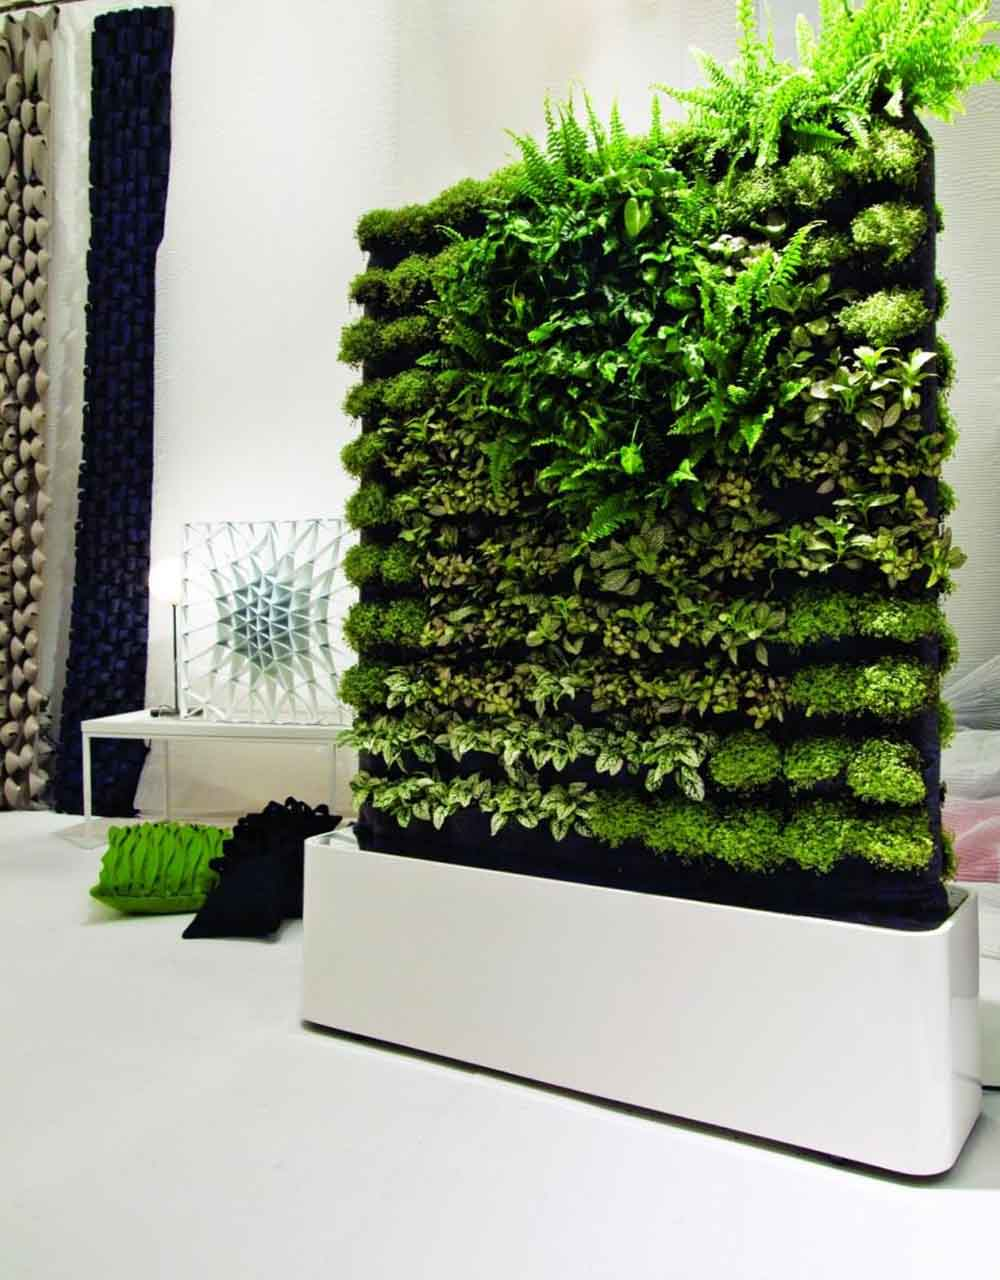 domowy ogród na ścianie